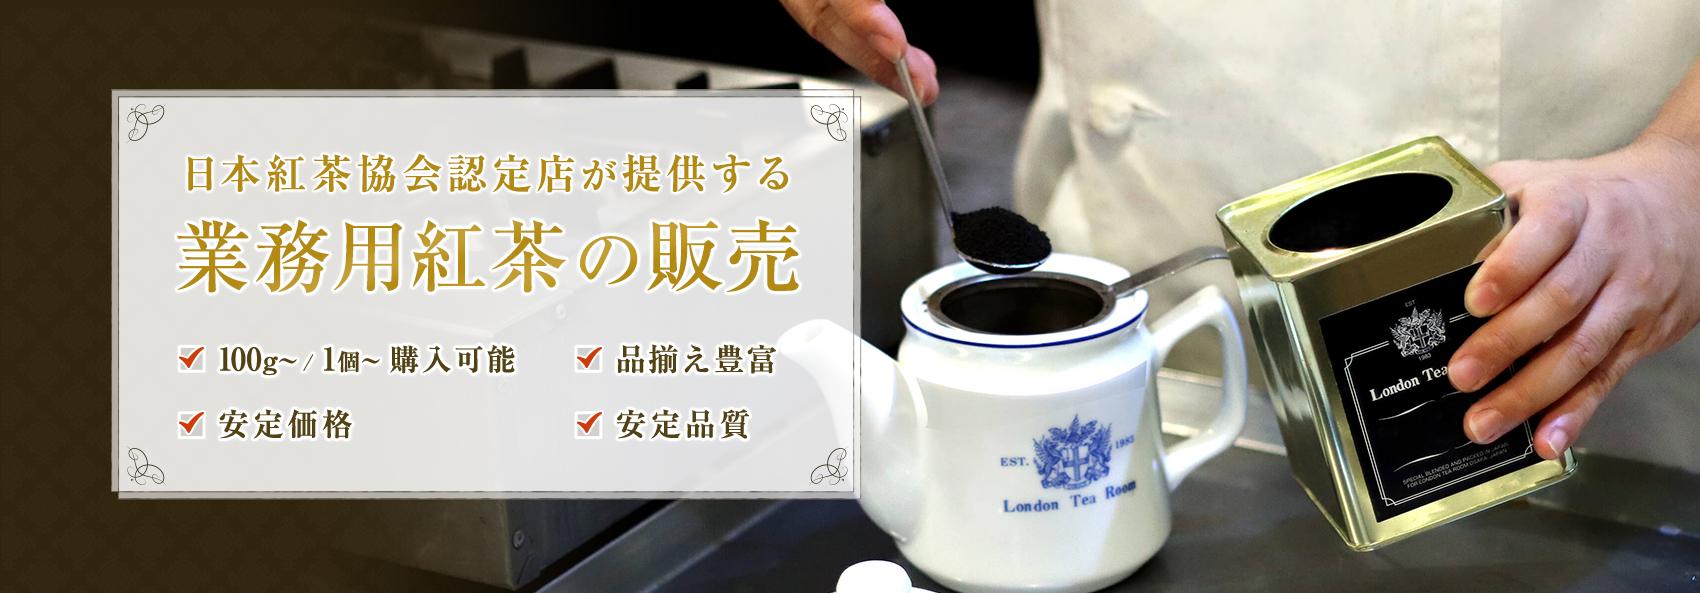 業務用紅茶